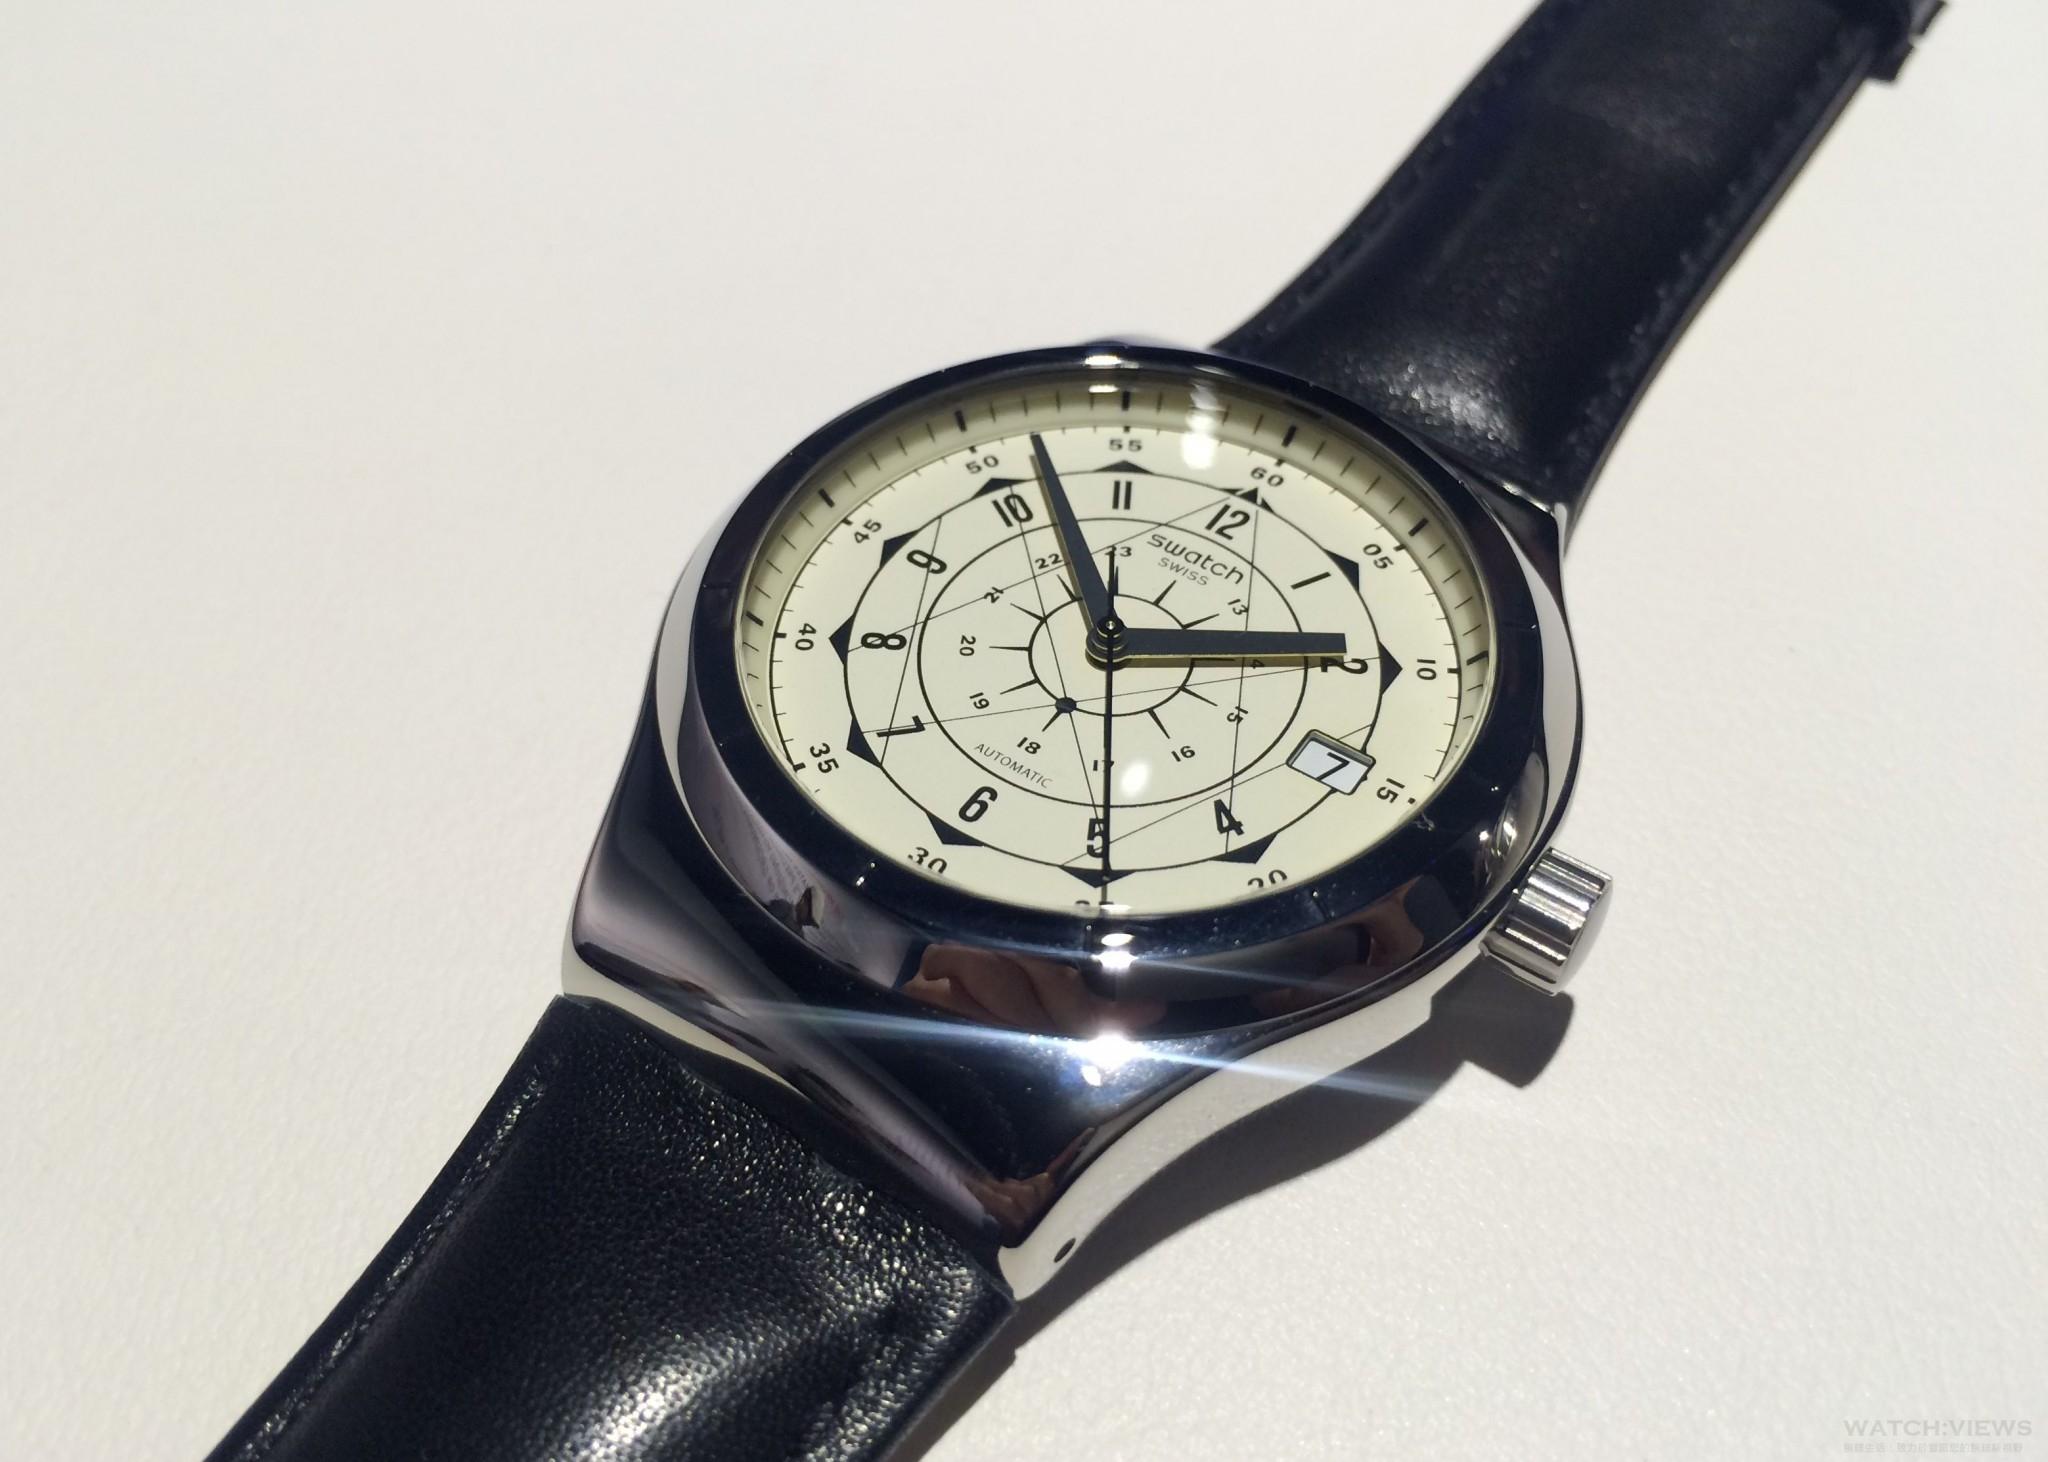 輕鬆入手機械錶:Swatch全新Sistem 51不鏽鋼系列腕錶